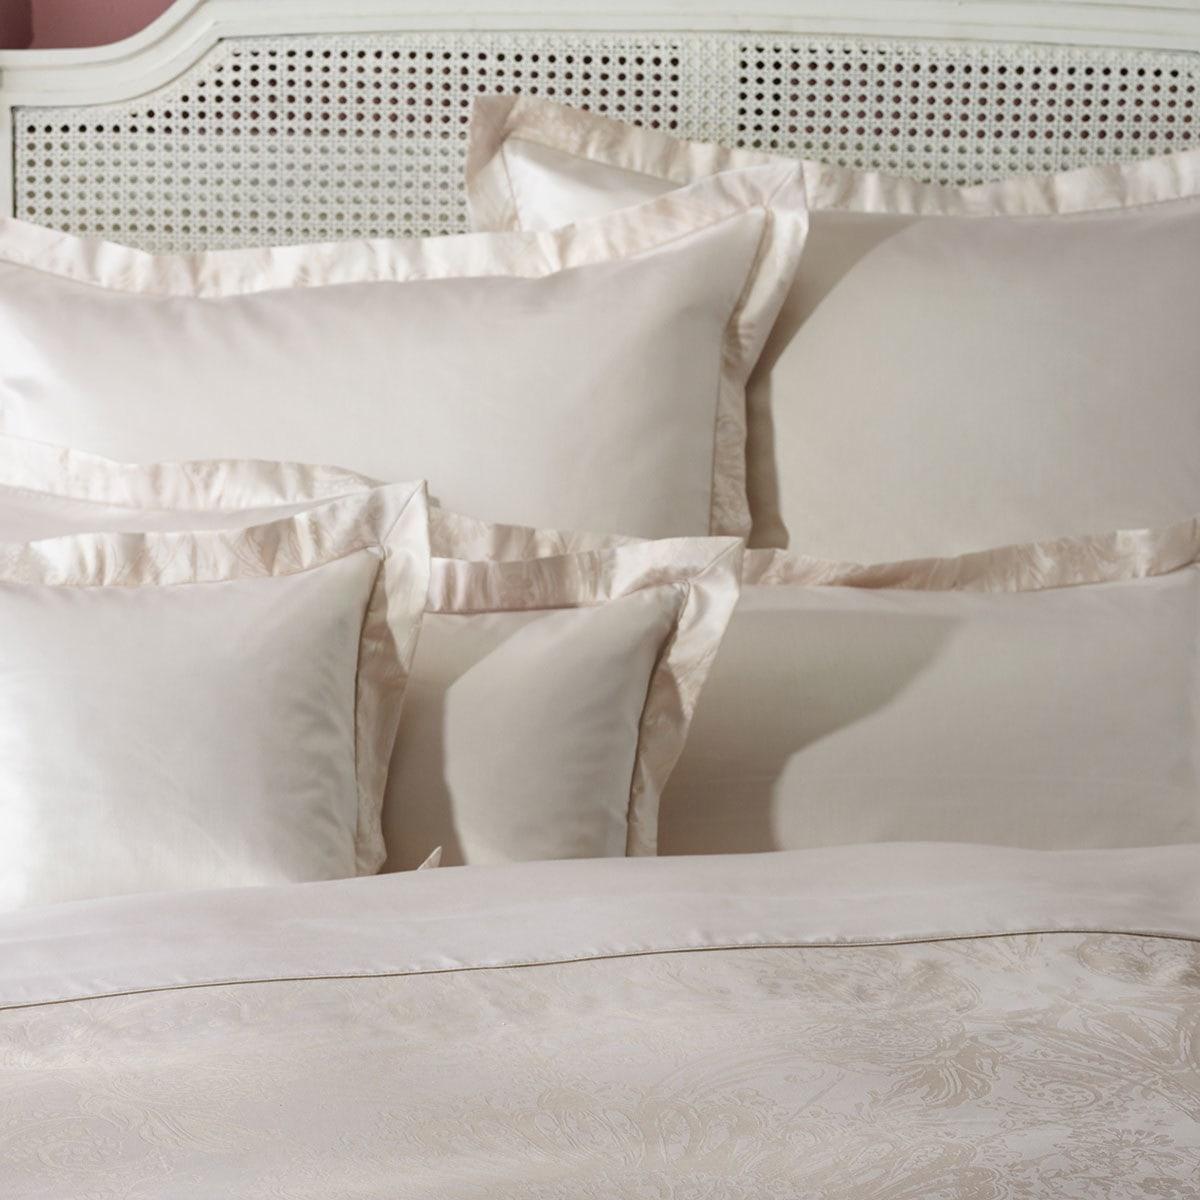 curt bauer mako brokat damast bettw sche avignon beige. Black Bedroom Furniture Sets. Home Design Ideas